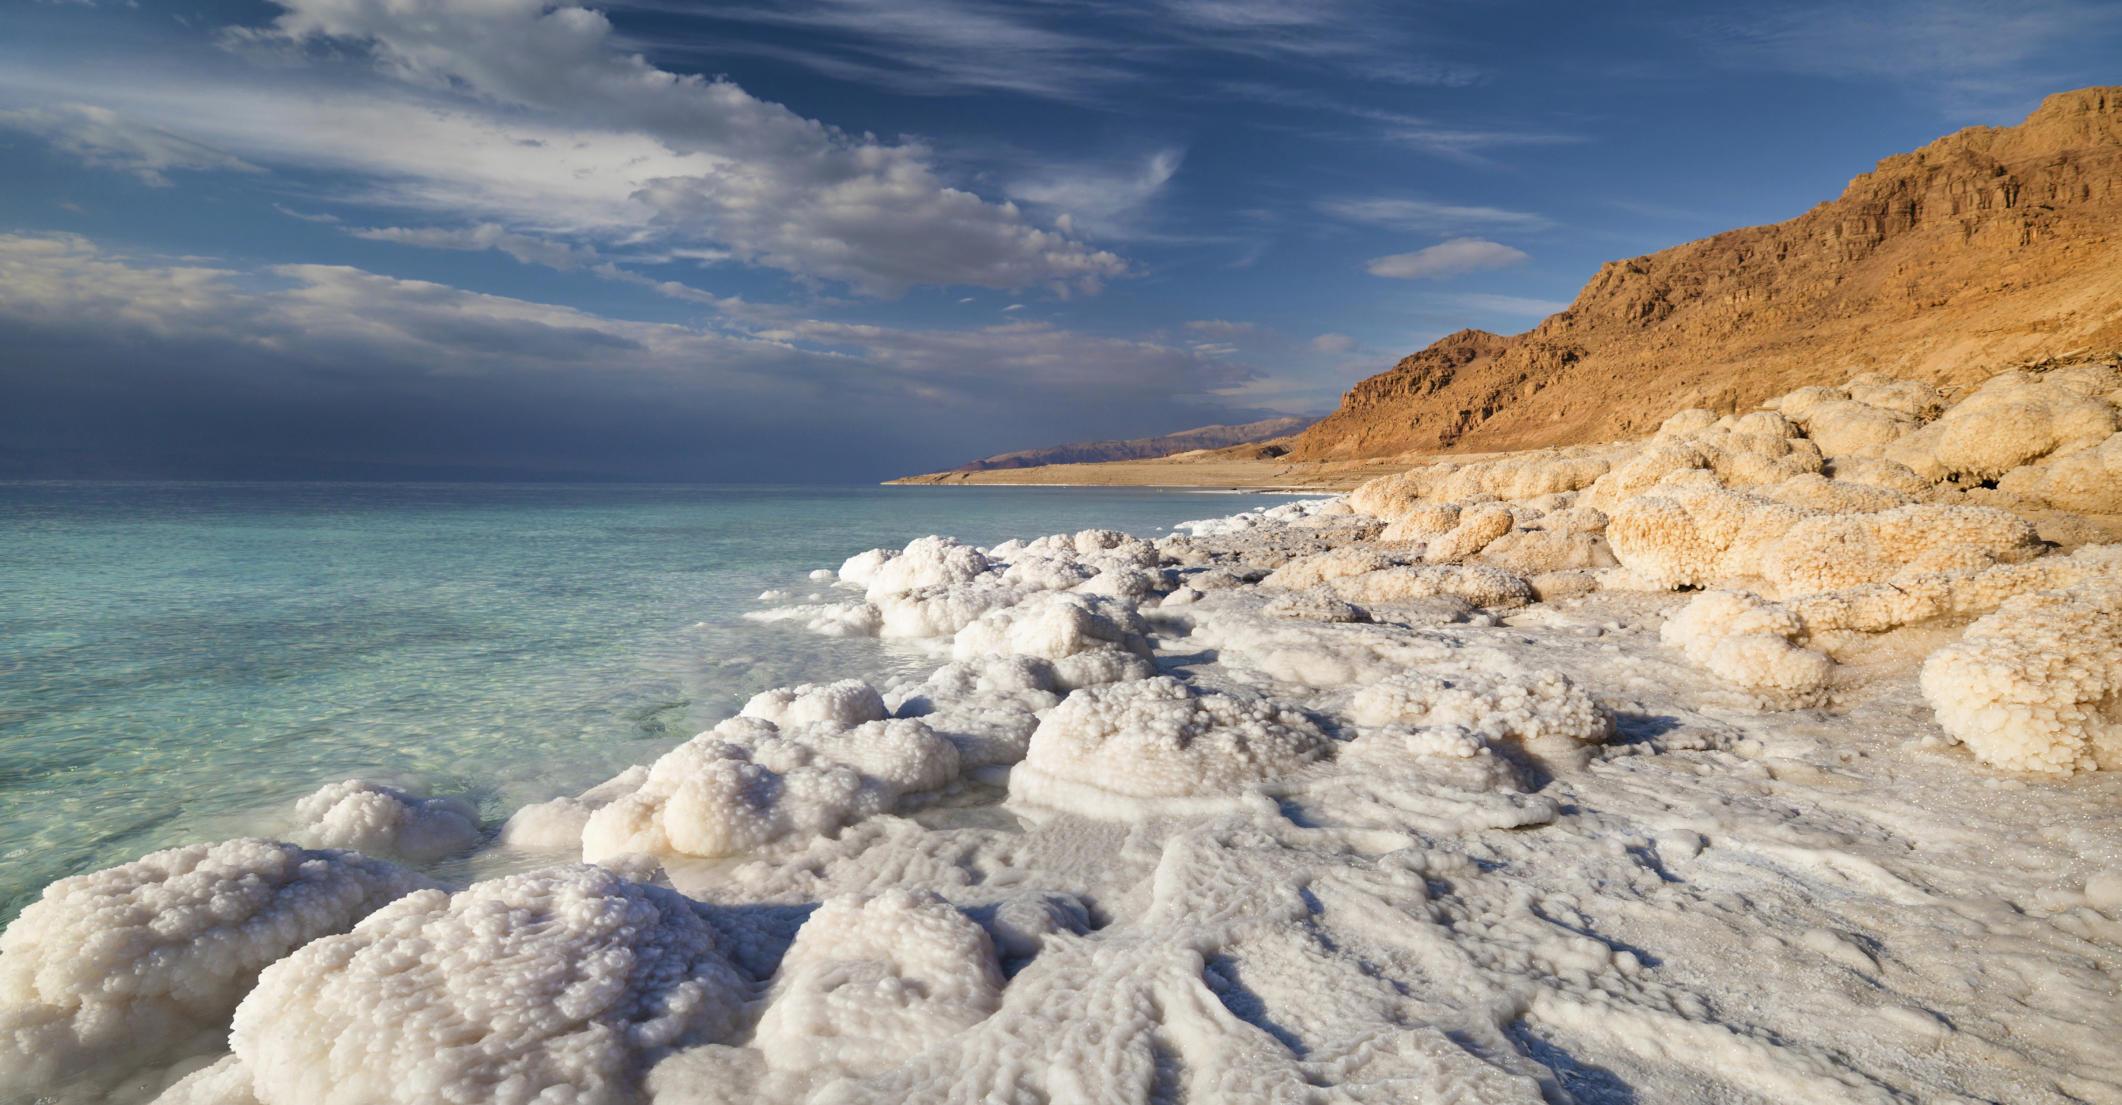 Dead Sea coastline at sunset time